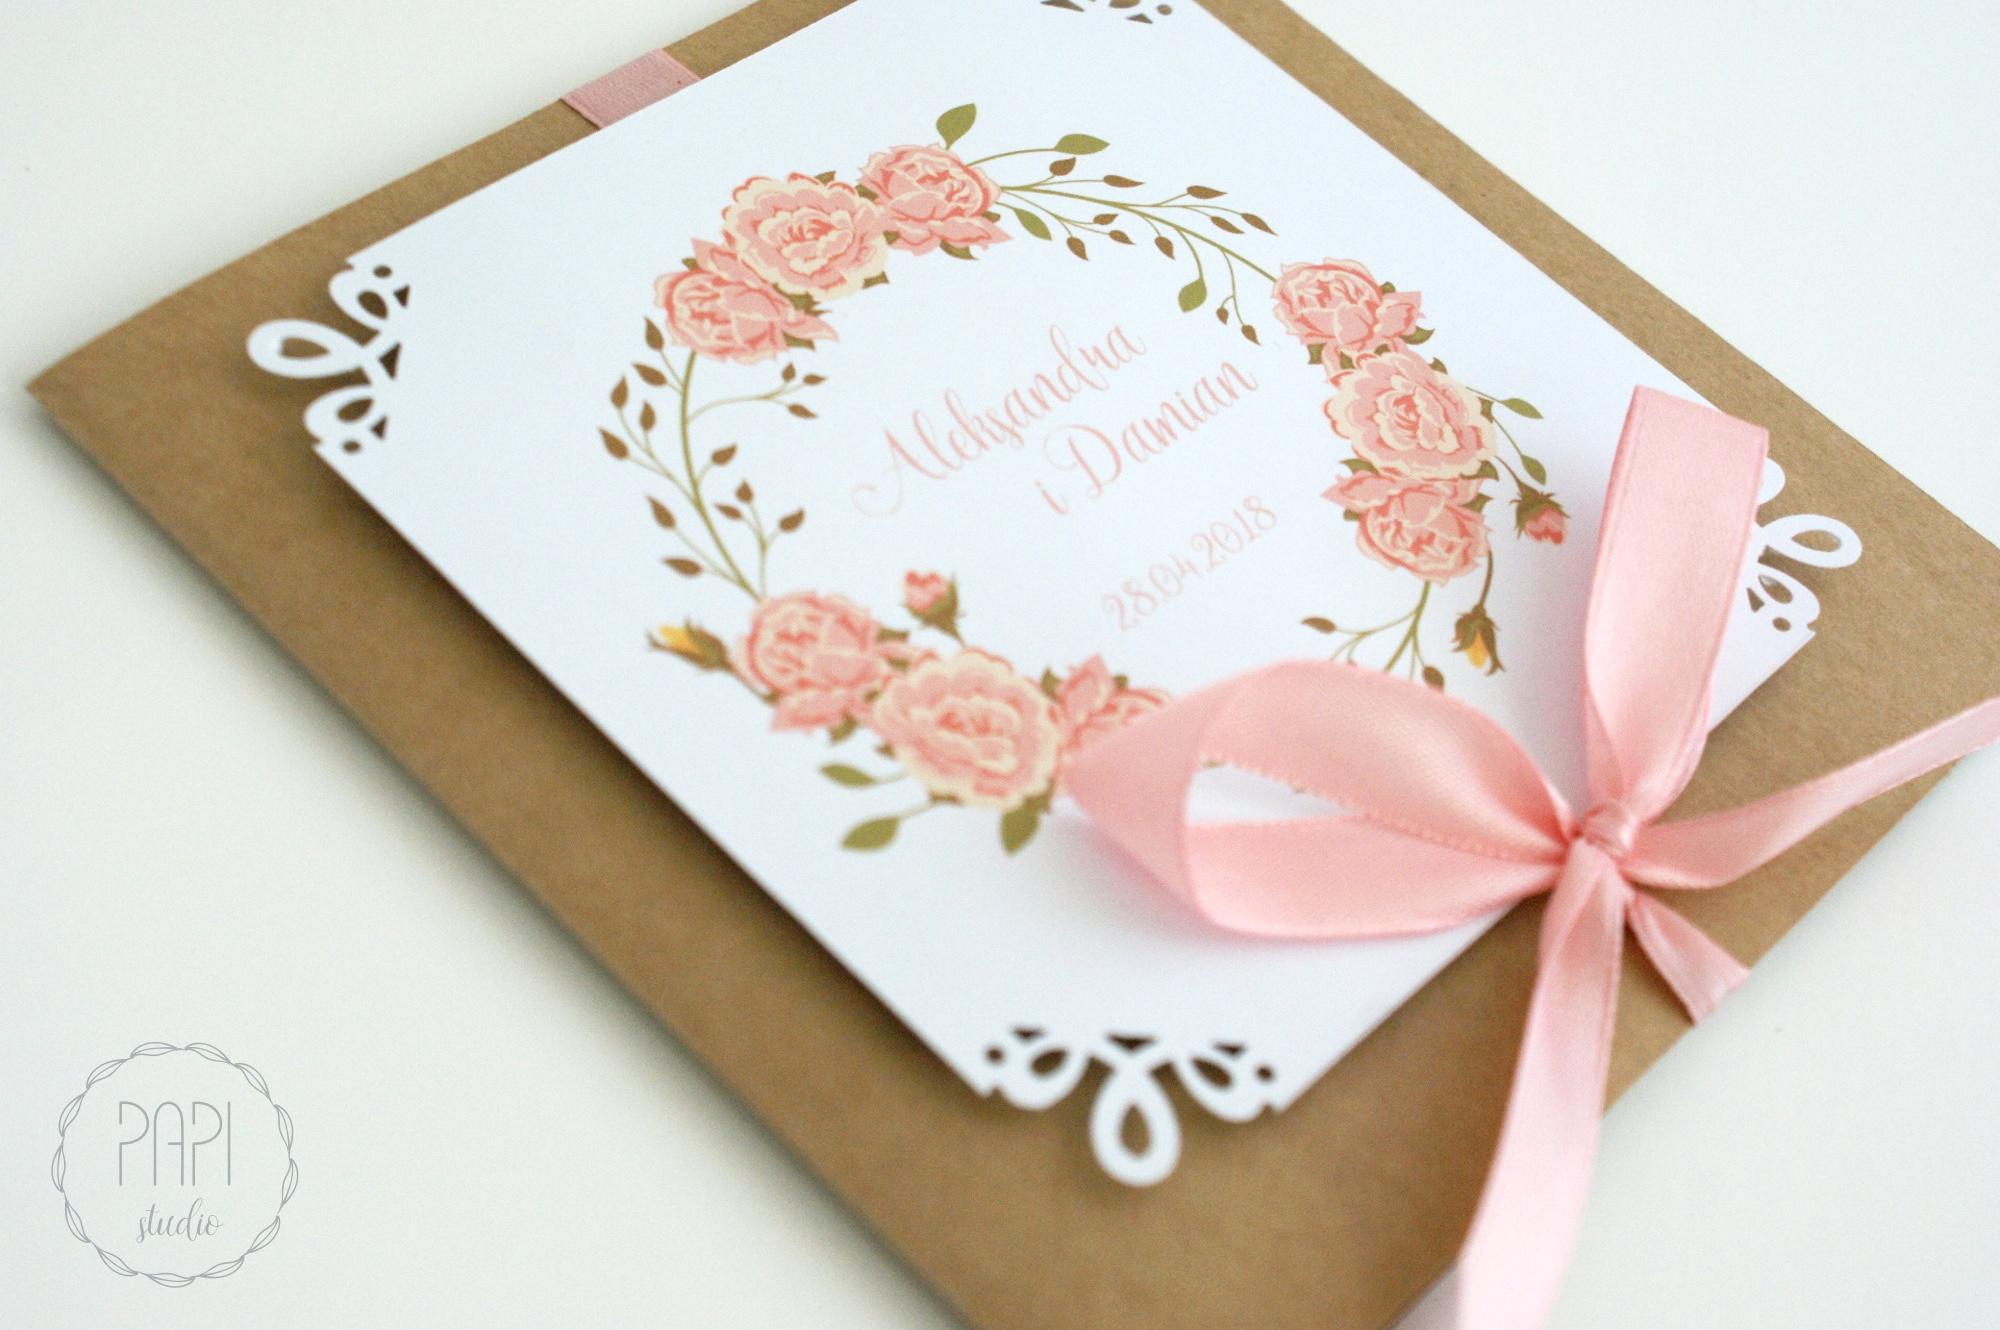 kartka na ślub z różami wieniec